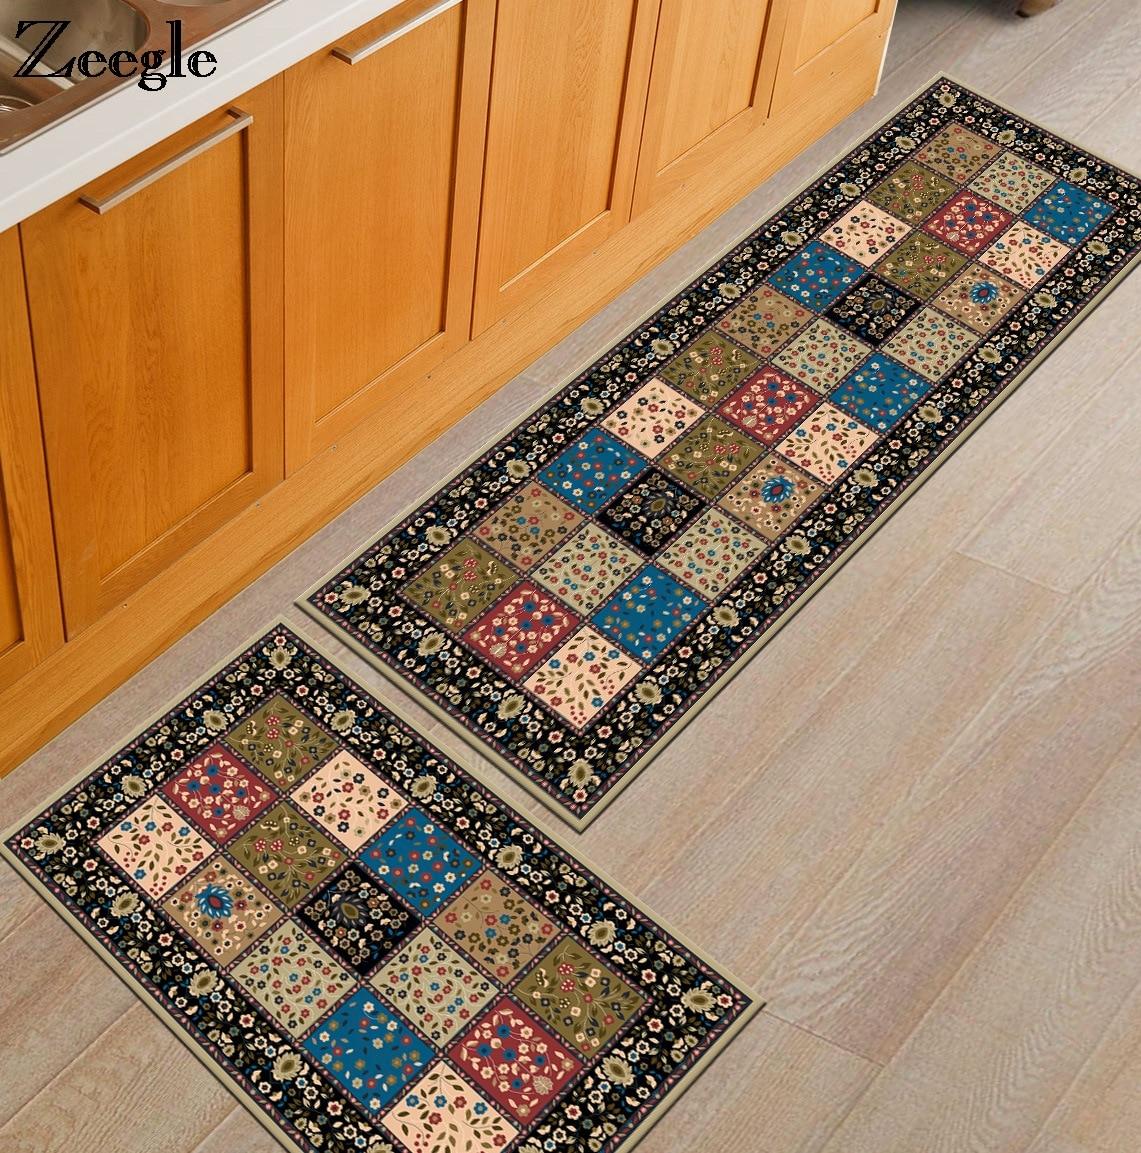 Zeegle Absorbent Doormats Outdoor Anti-Slip Bathroom Bath Mats Bedroom Carpet Bedside Mats Sofa Table Floor Mat Kitchen Area Rug